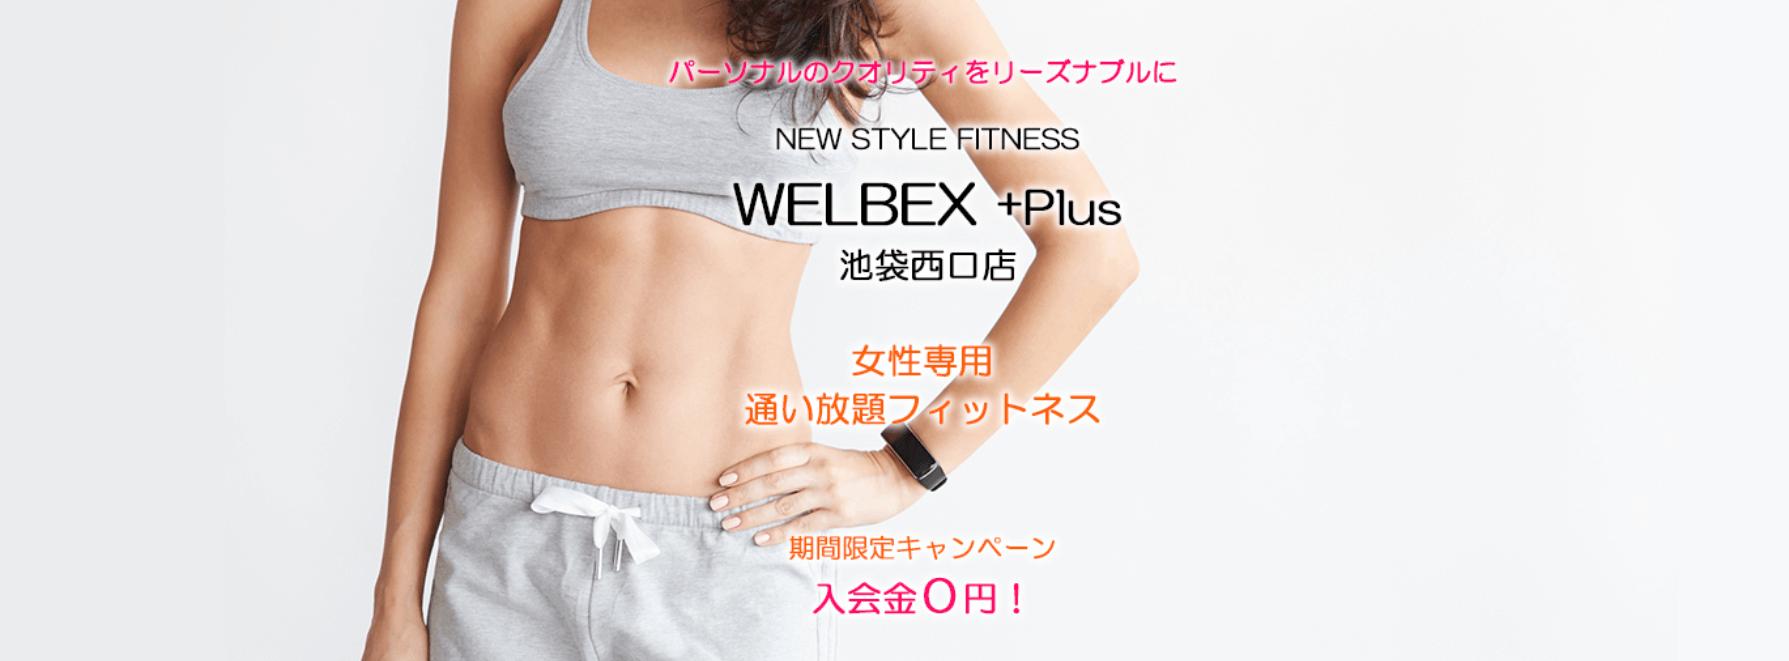 WELBEX+Plus(ウェルベックスプラス)